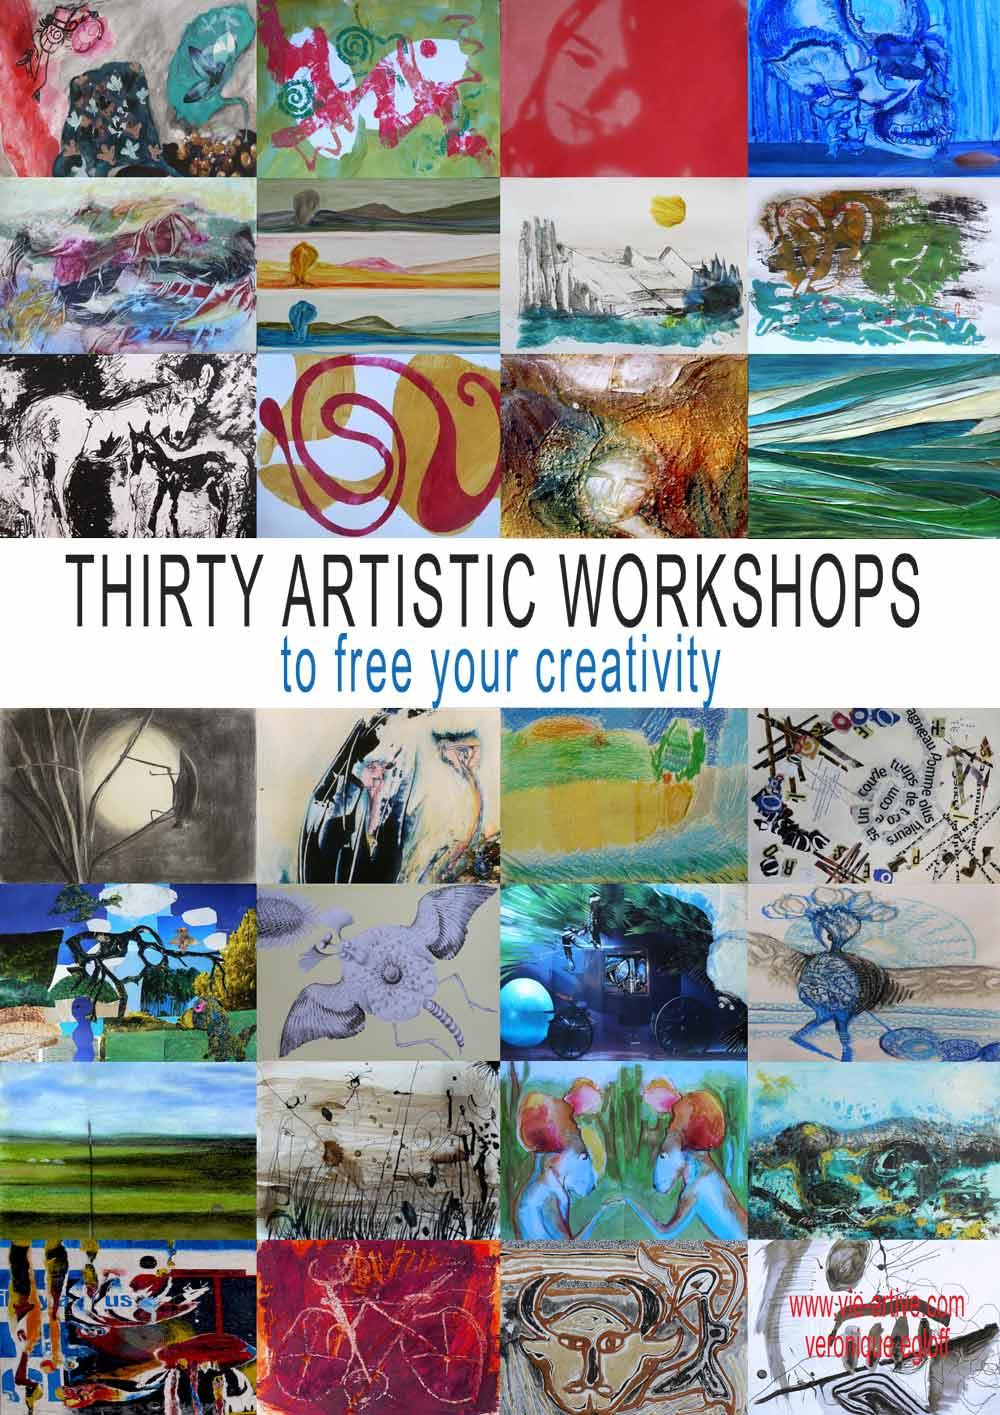 Artistic workshops